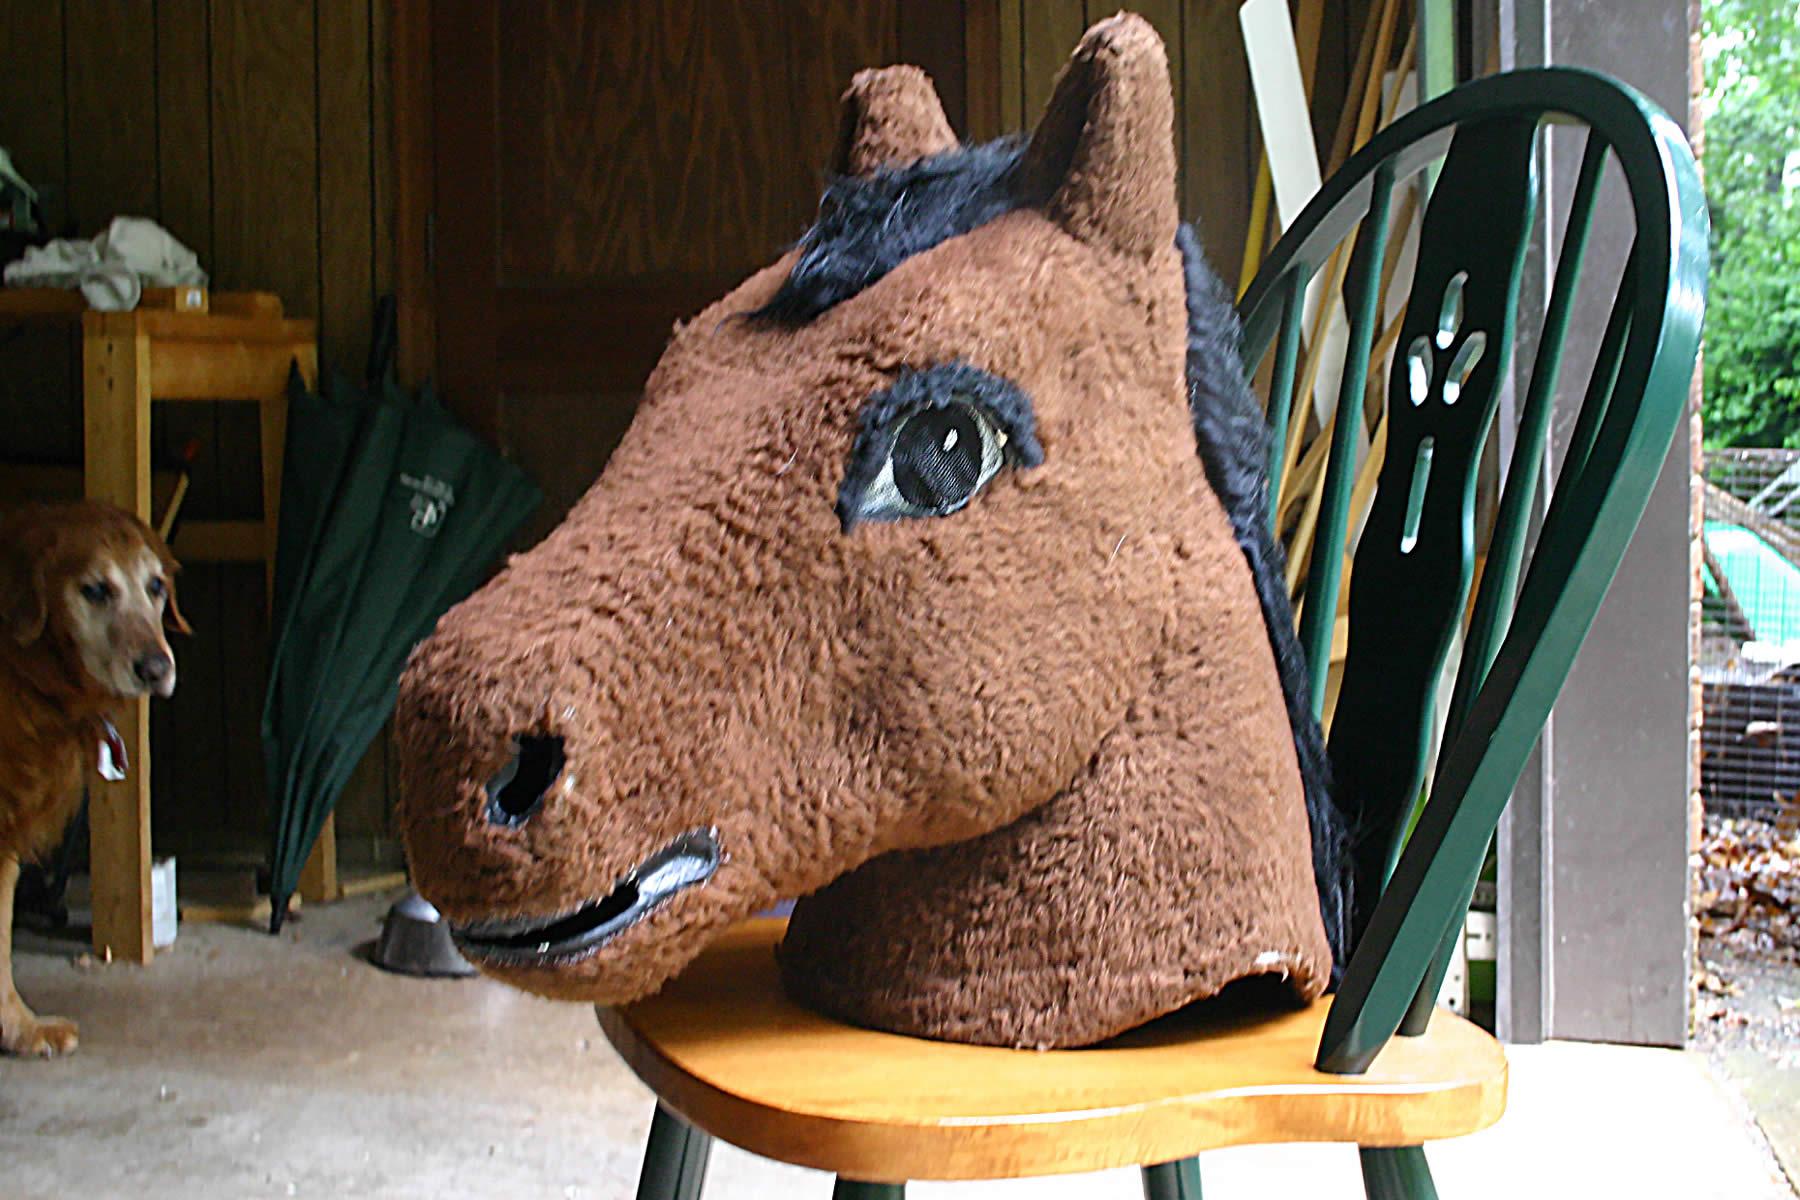 benjamin with horse head